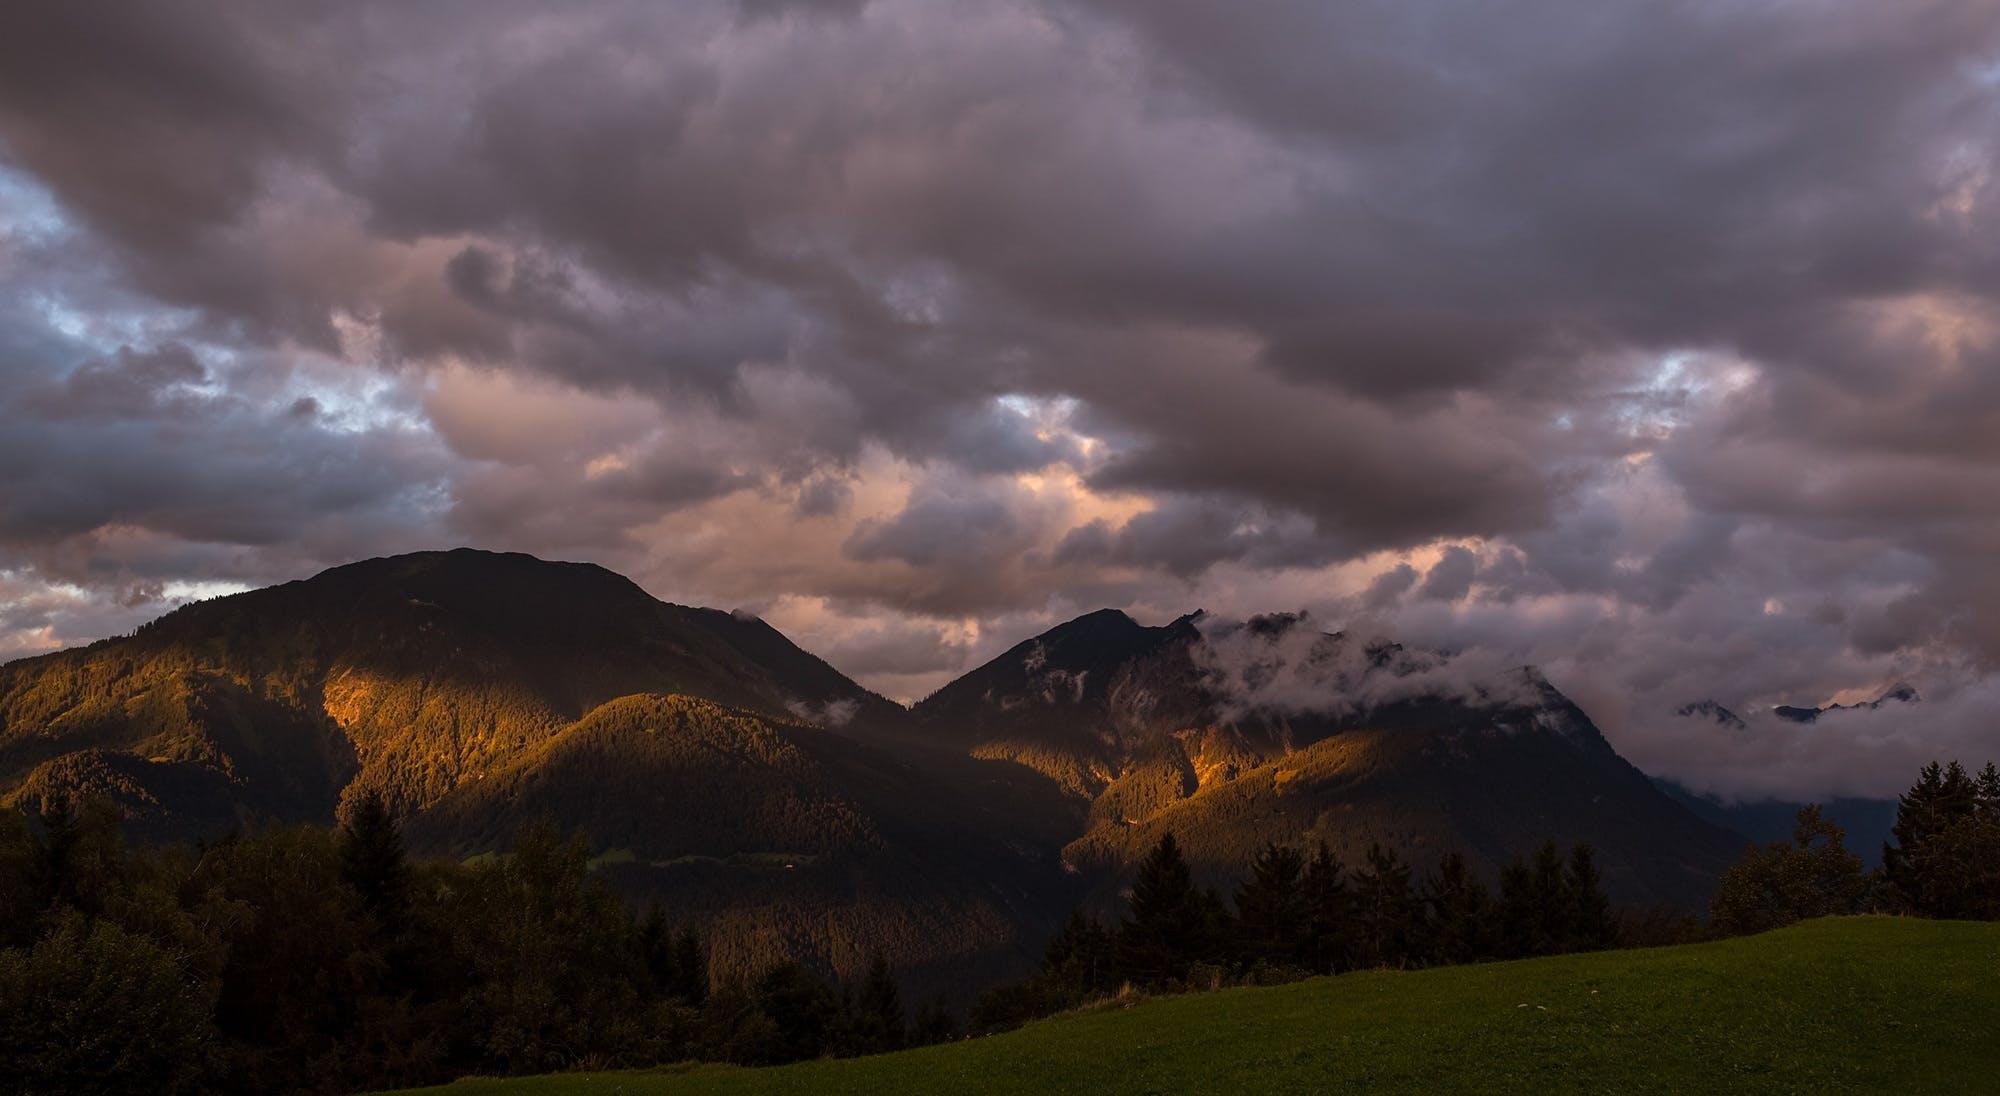 Gratis stockfoto met avond, berg, bergen, bomen